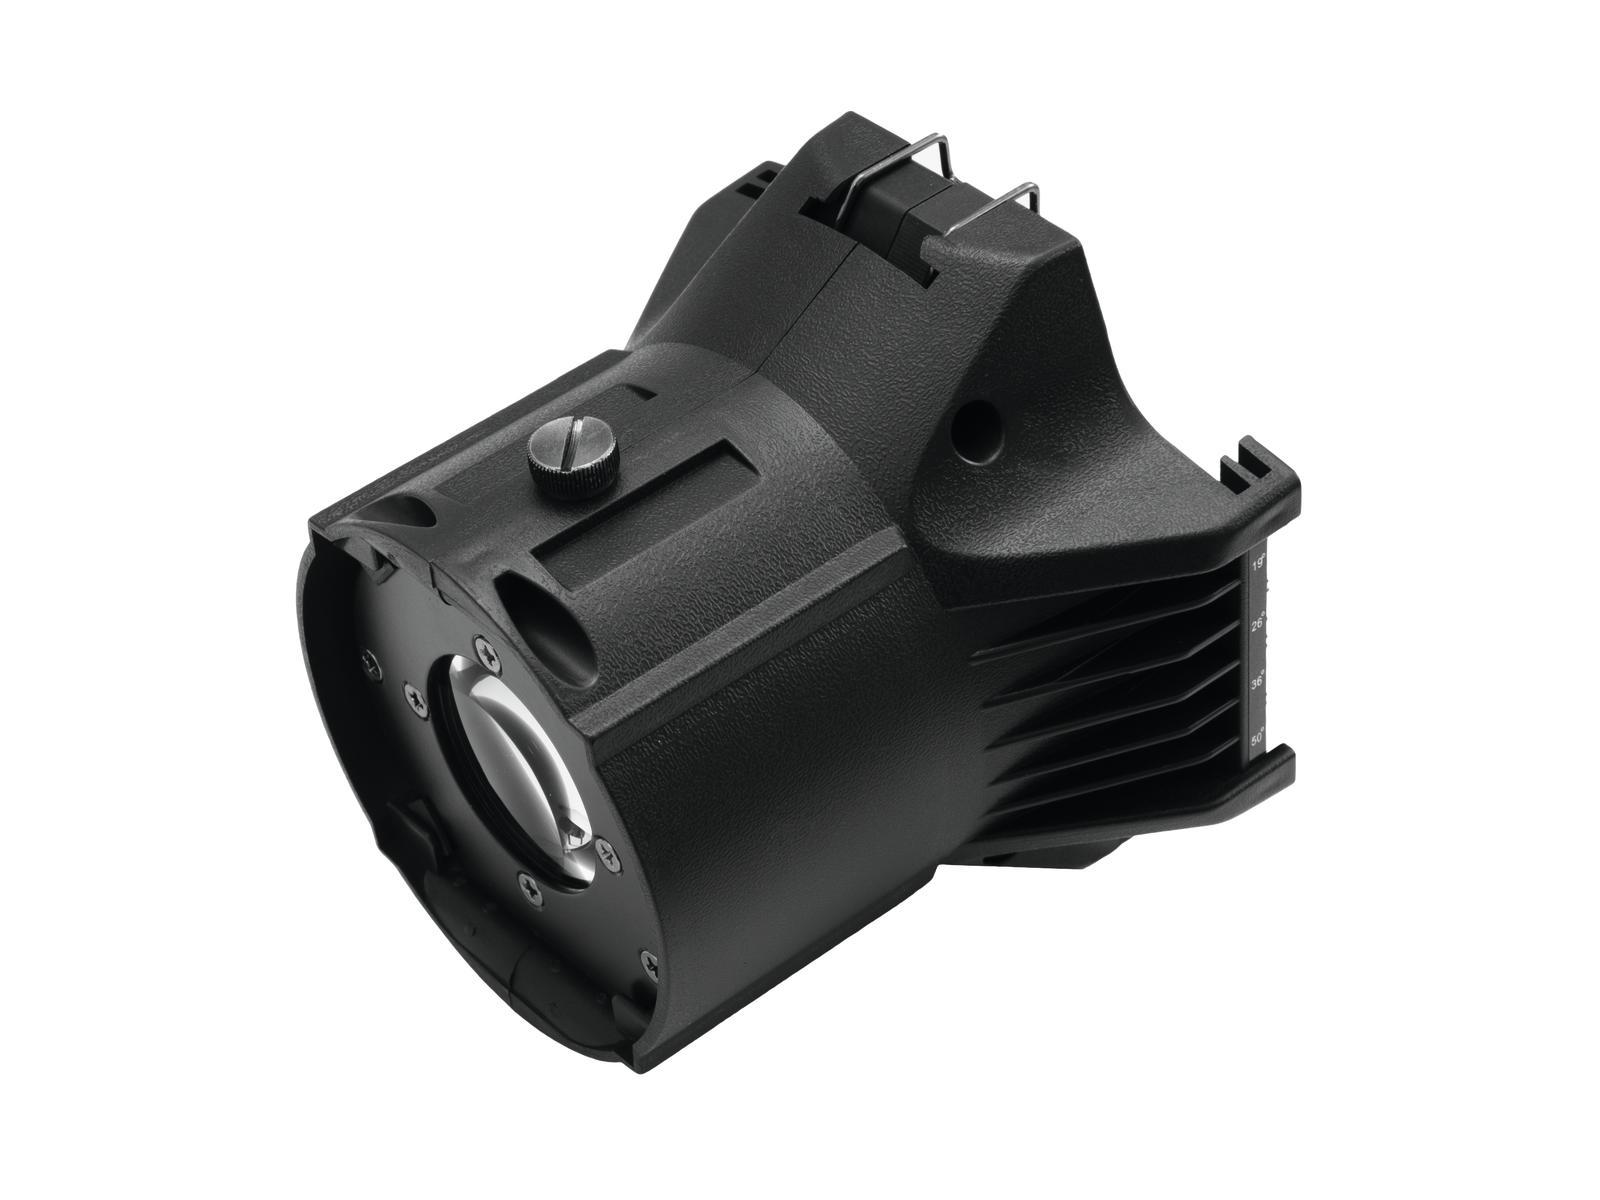 EUROLITE LENTE 50° per LED PFE-50 3000K COLORE NERO